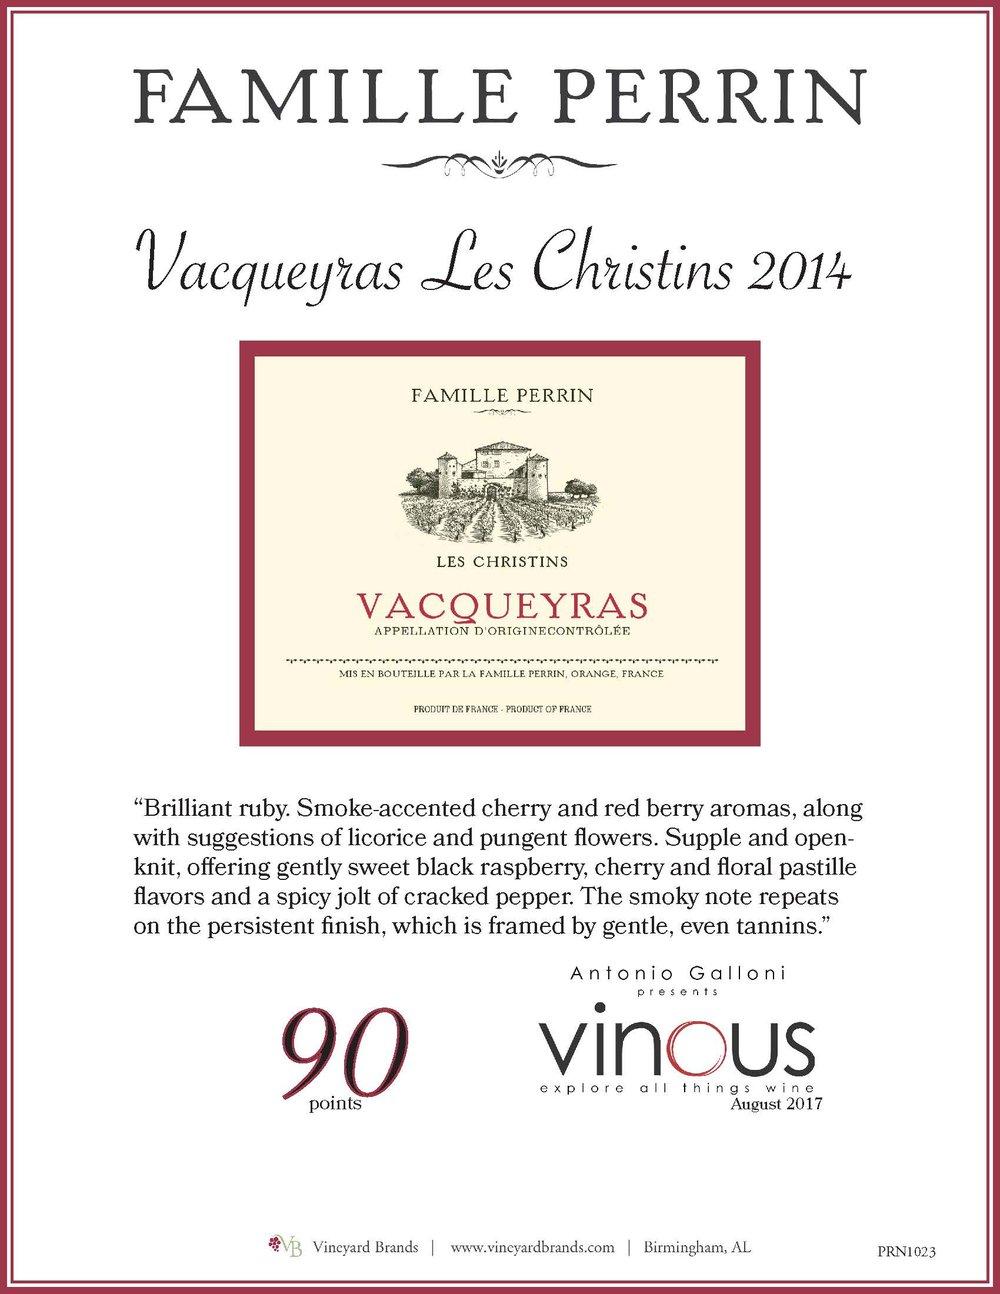 Famille Perrin Vacqueyras Les Christins 2014.jpg